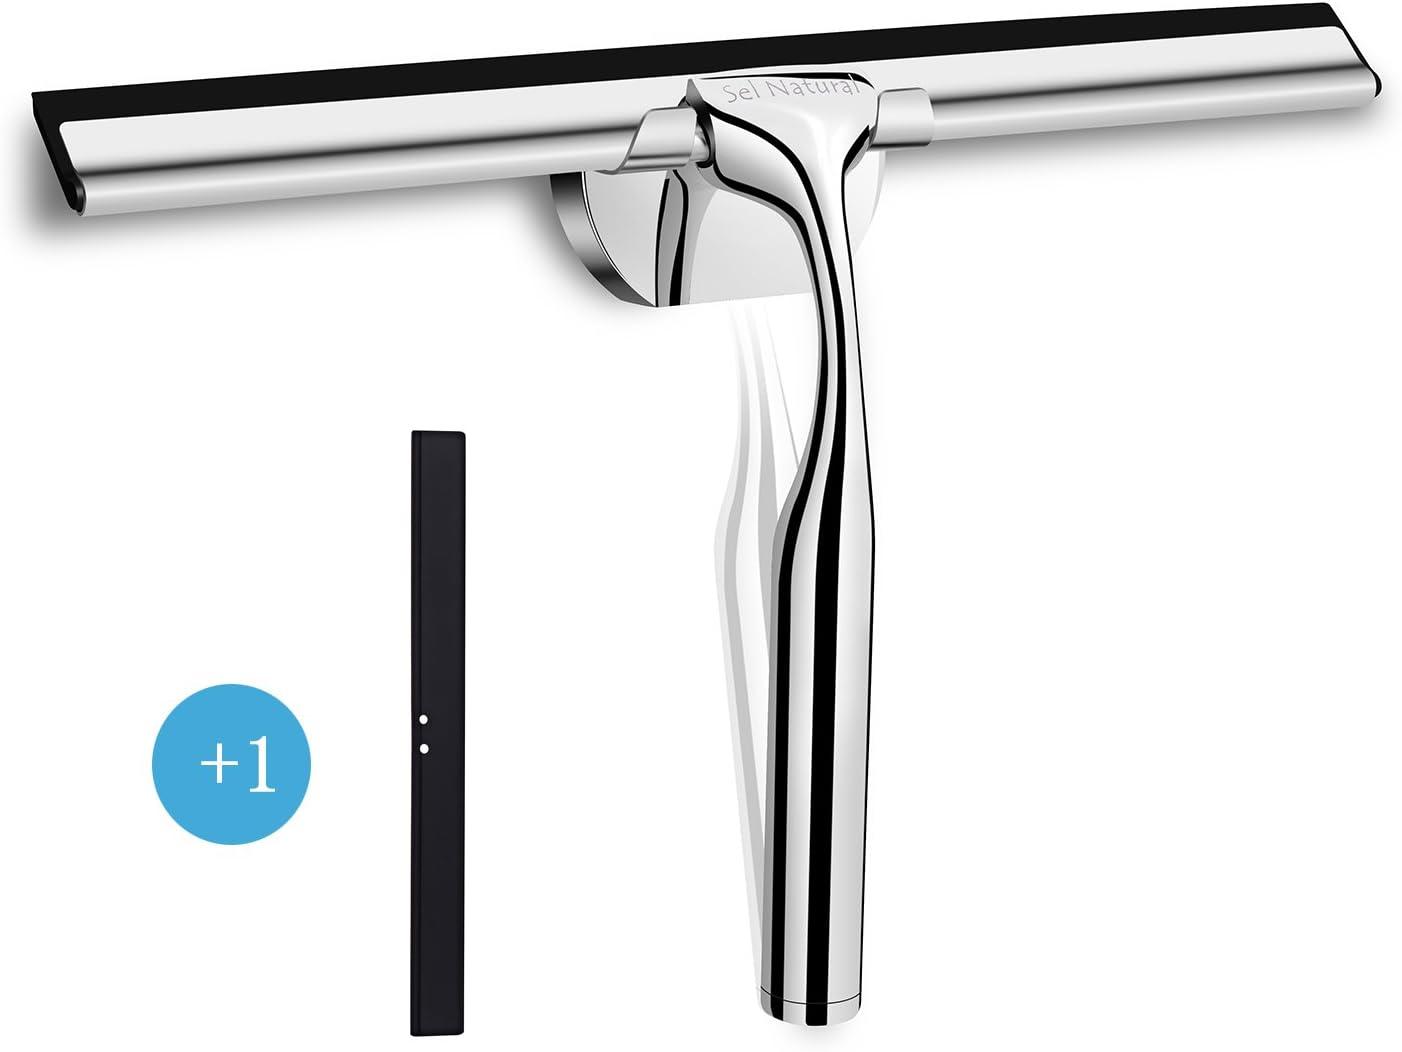 Limpiacristales Sel Natural, limpiador de ventanas de acero inoxidable para espejos del baño, ventanas de cristal, 25 cm: Amazon.es: Hogar